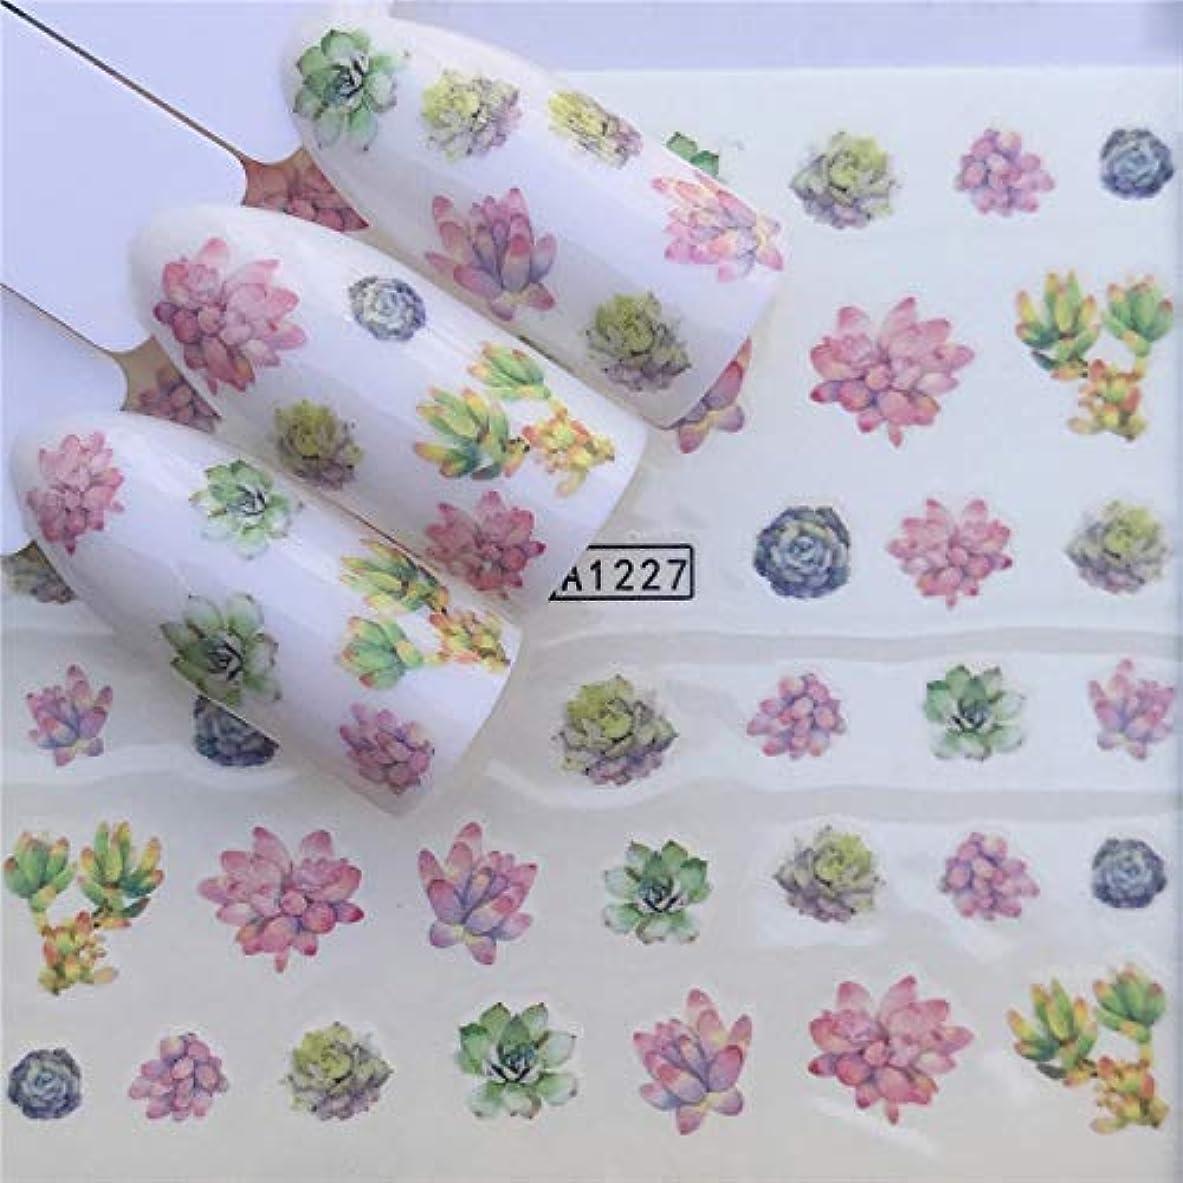 植物学郊外巡礼者手足ビューティーケア 3個ネイルステッカーセットデカール水転写スライダーネイルアートデコレーション、色:YZWA 1227